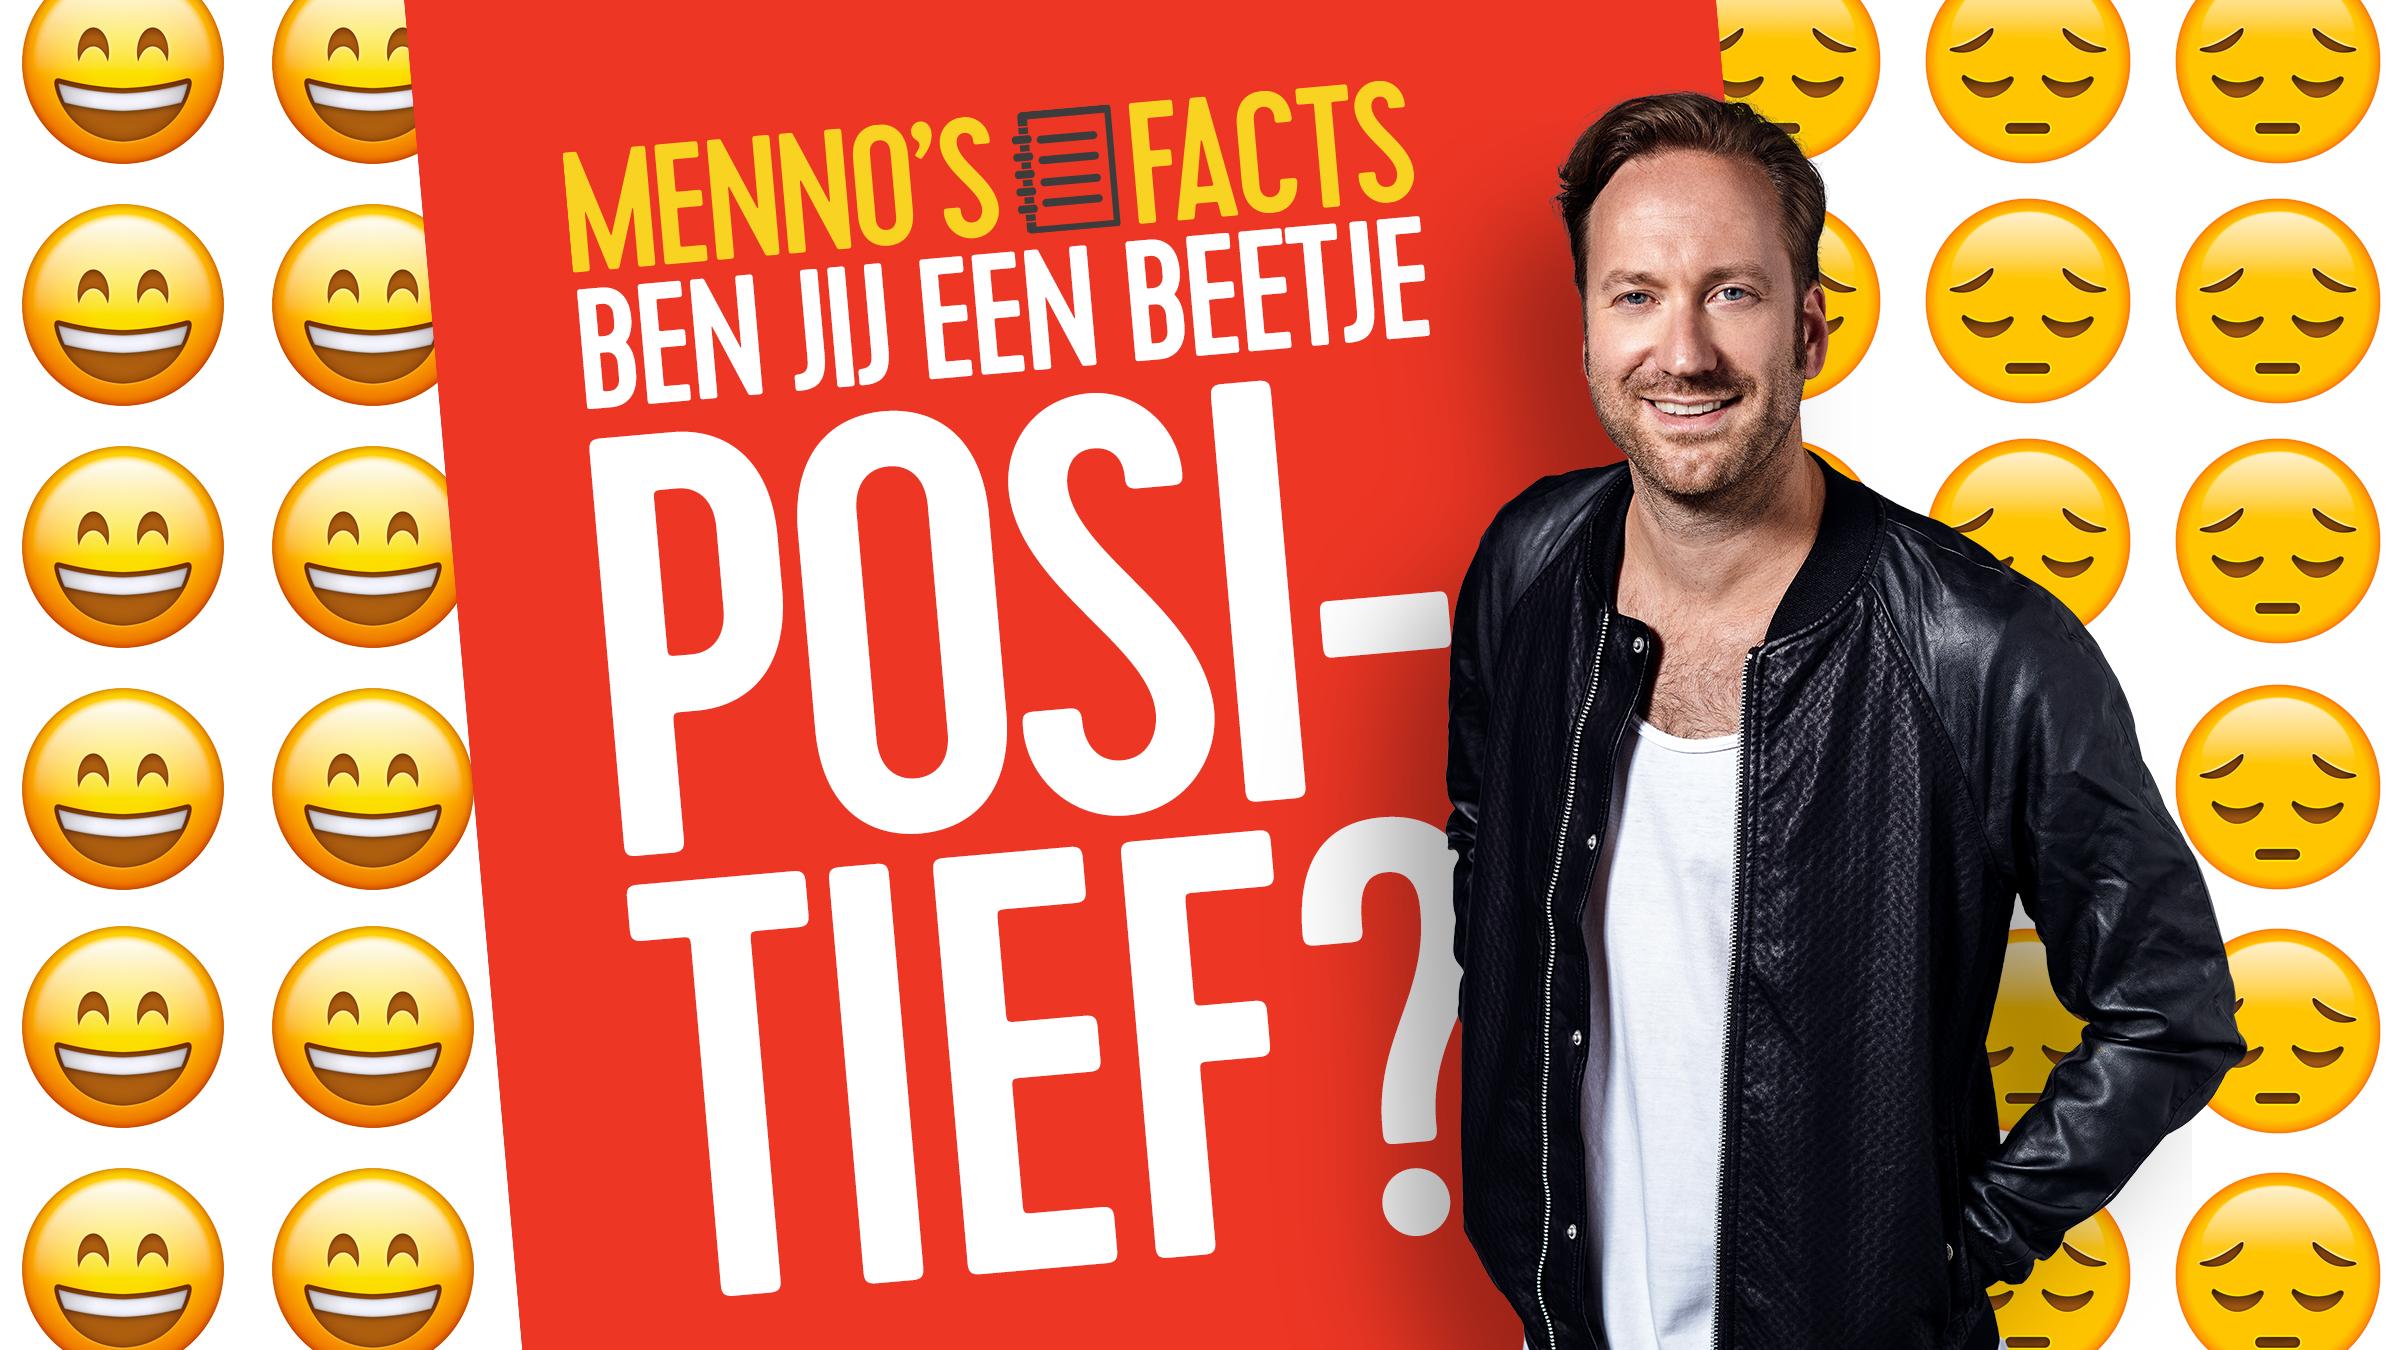 Positief teaser basis mennosfacts17